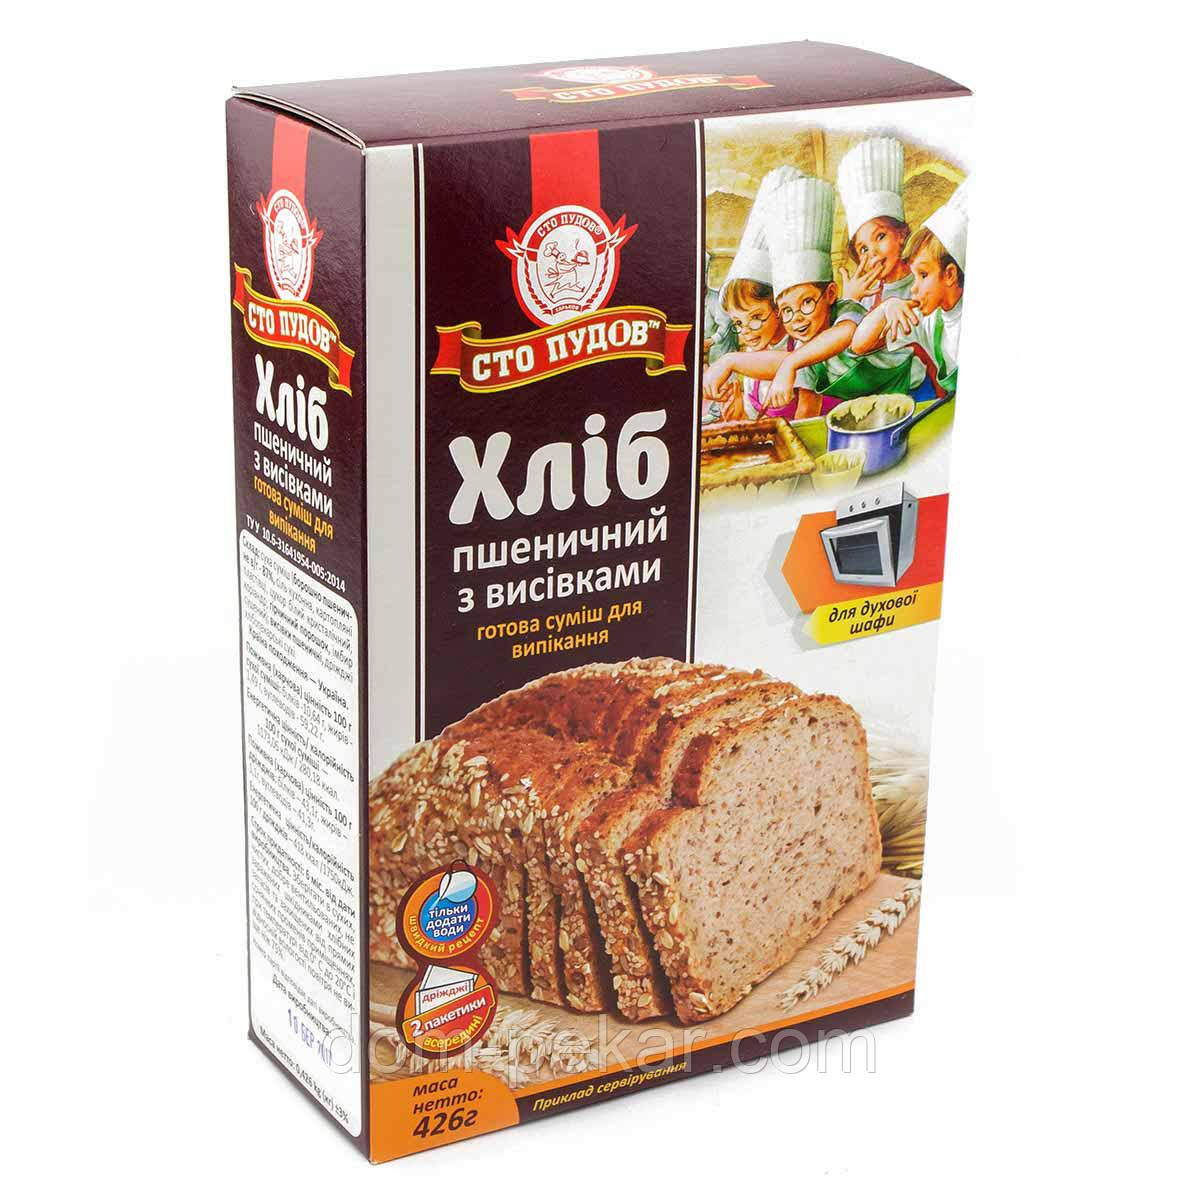 Смесь для выпечки Хлеб Пшеничный с отрубями, Сто Пудов, 426 гр